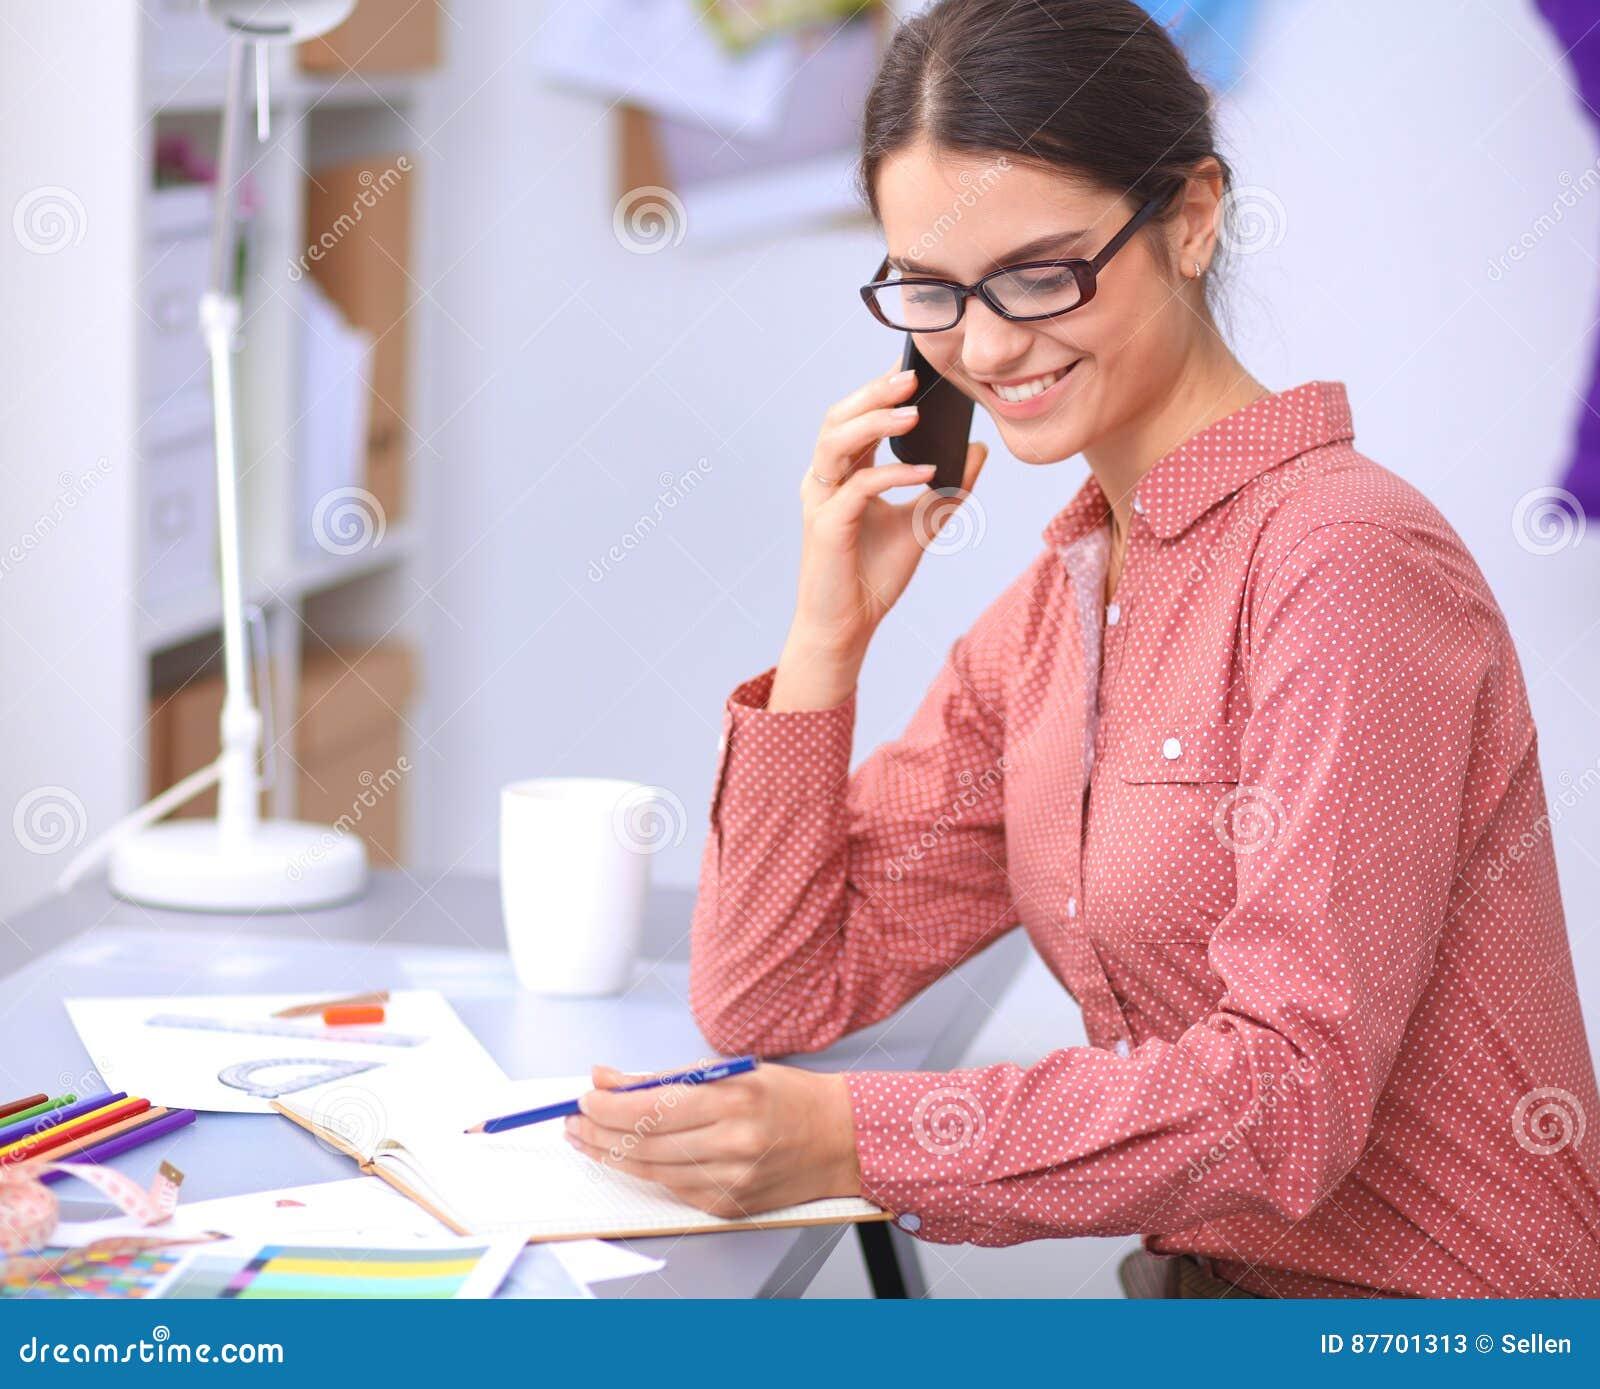 Jeune couturier féminin attirant travaillant au bureau, dessinant tout en parlant sur le mobile